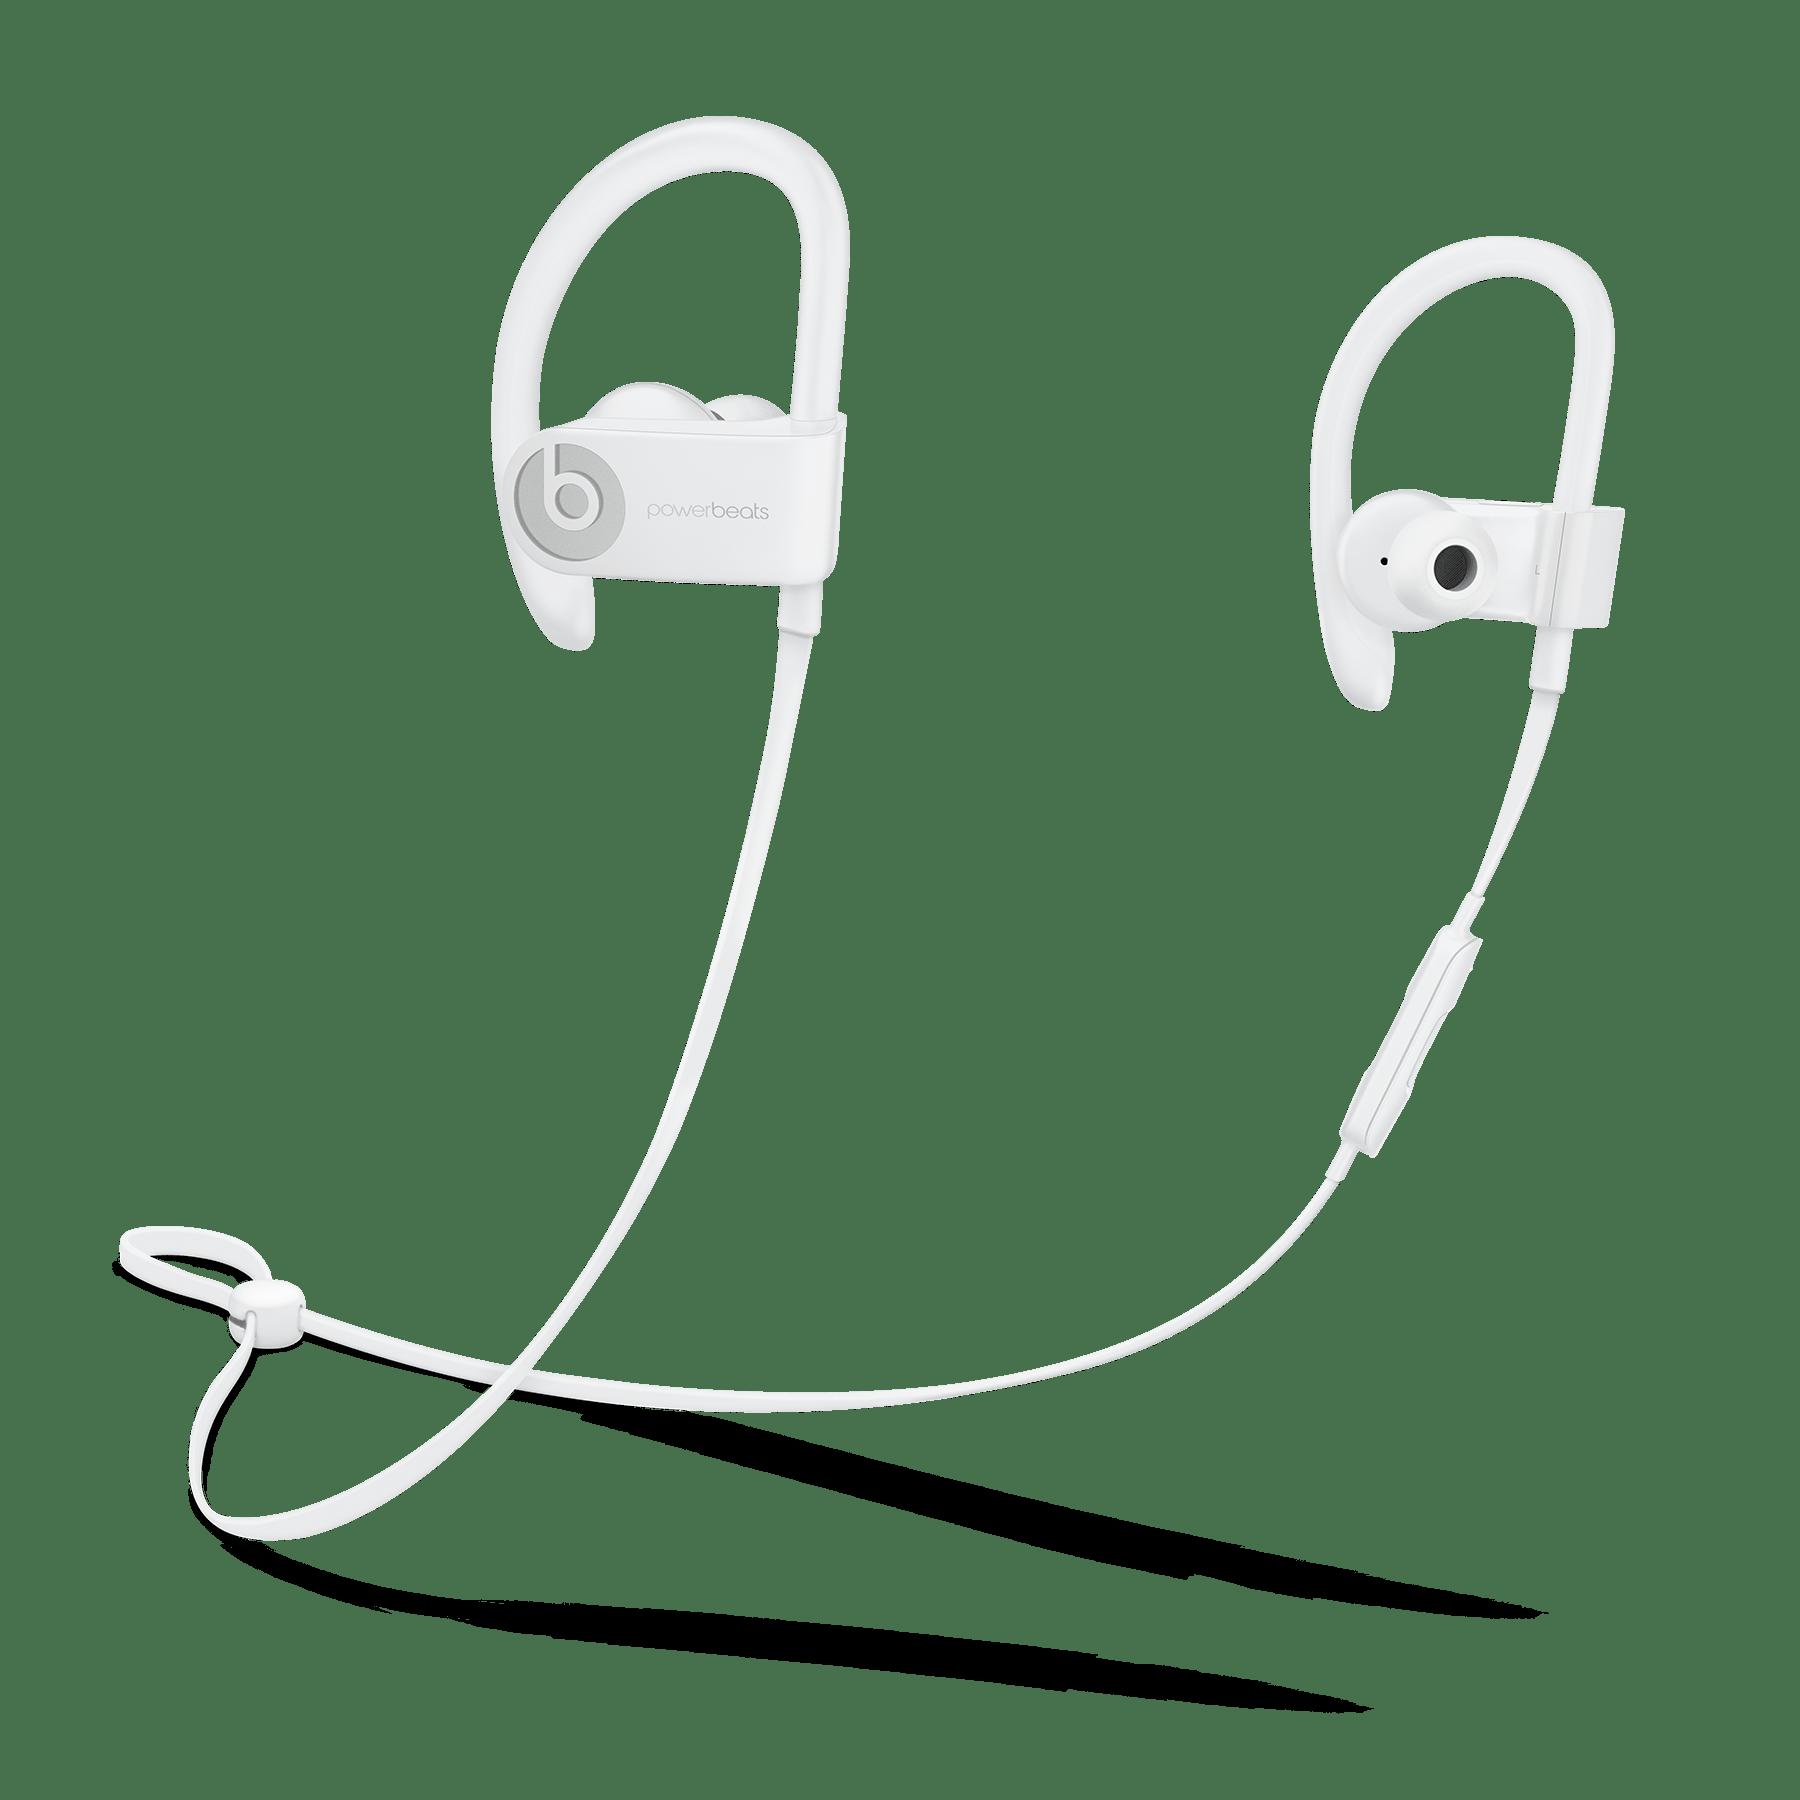 6f65592f078 Powerbeats3 Wireless - Beats by Dre